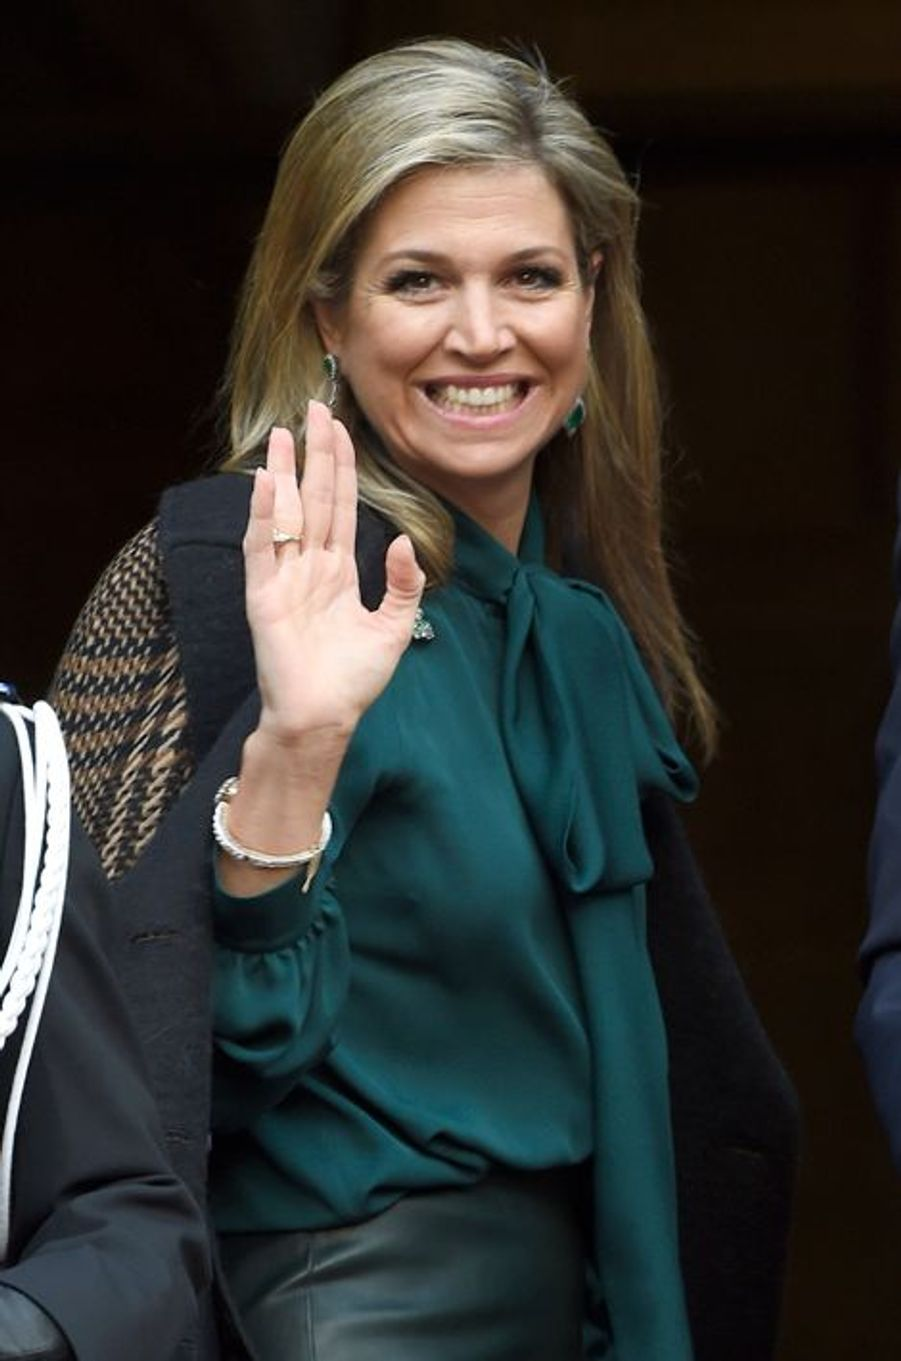 La reine Maxima des Pays-Bas à Amsterdam, le 12 janvier 2016